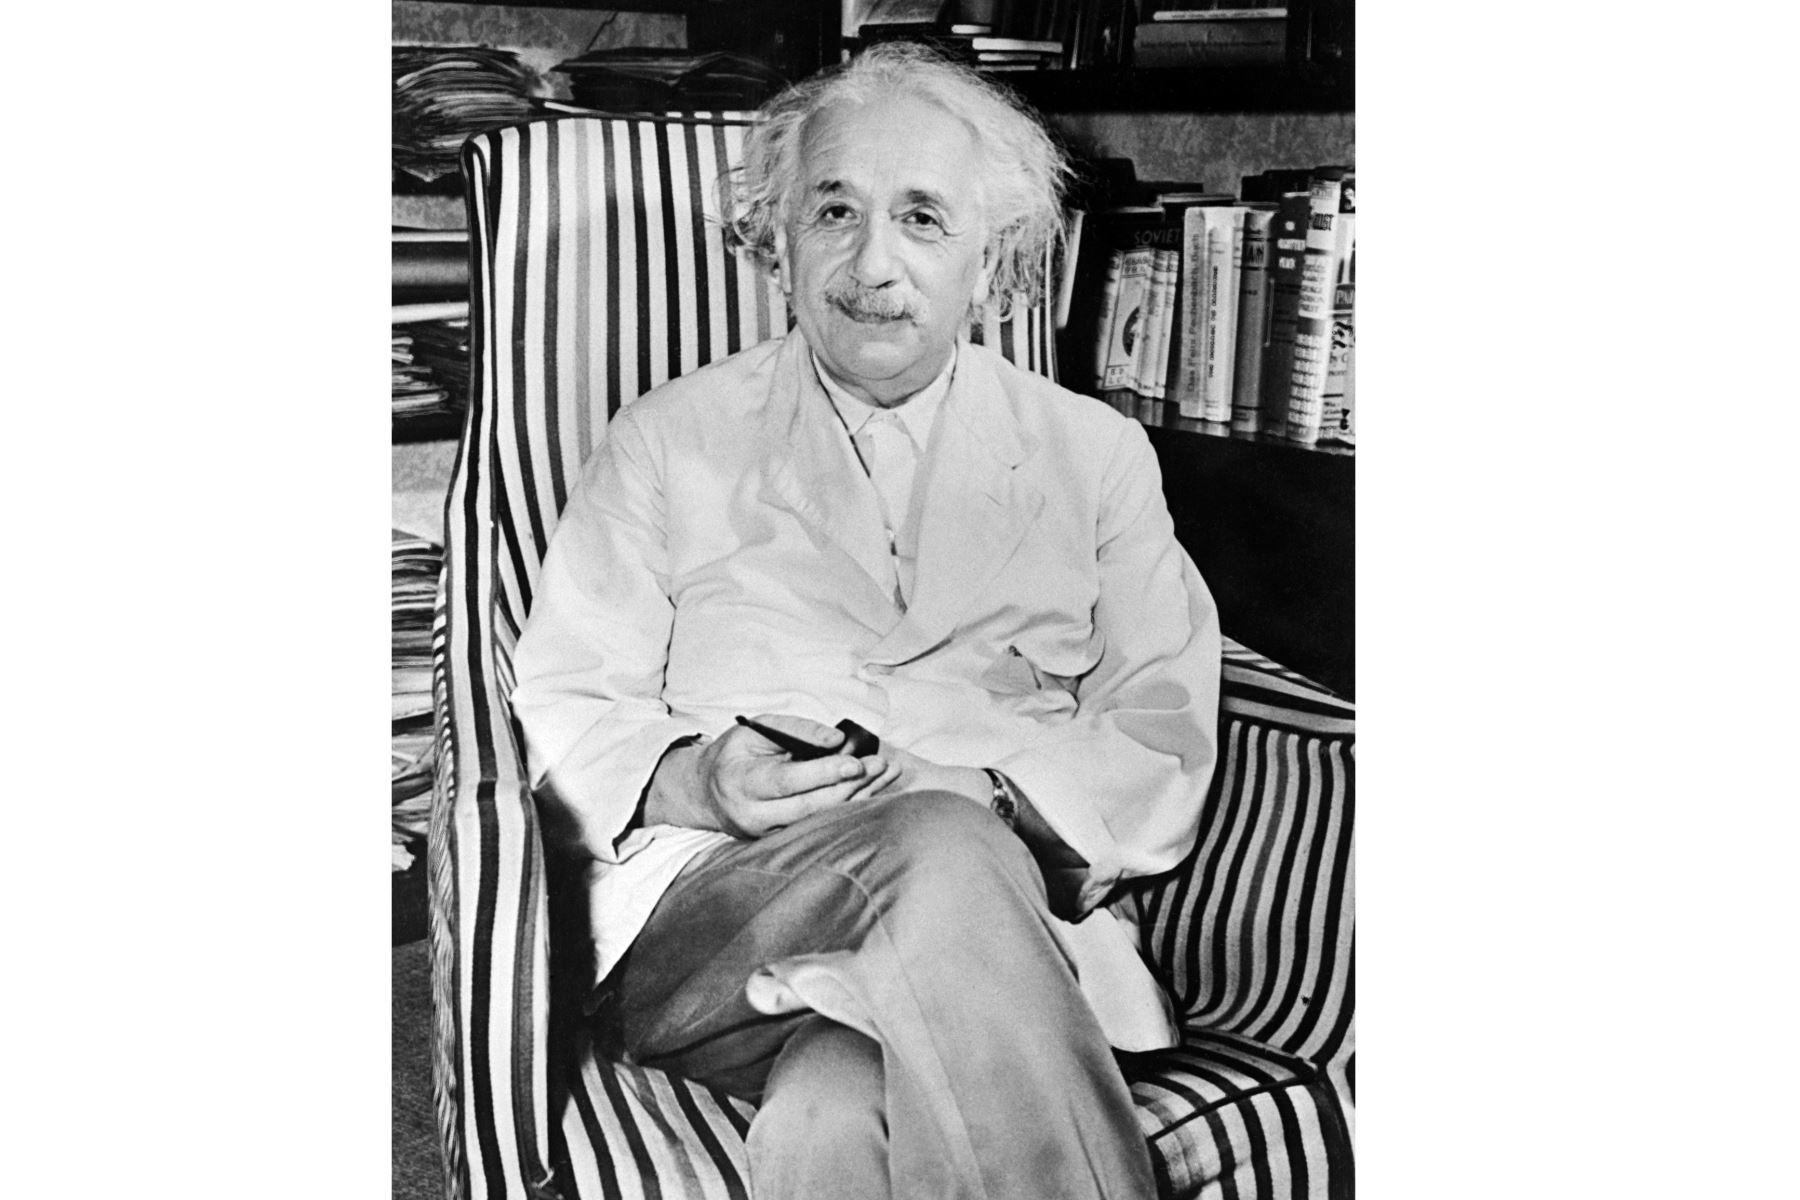 Retrato tomado en 1950 del físico de origen suizo-estadounidense Albert Einstein. Foto: AFP